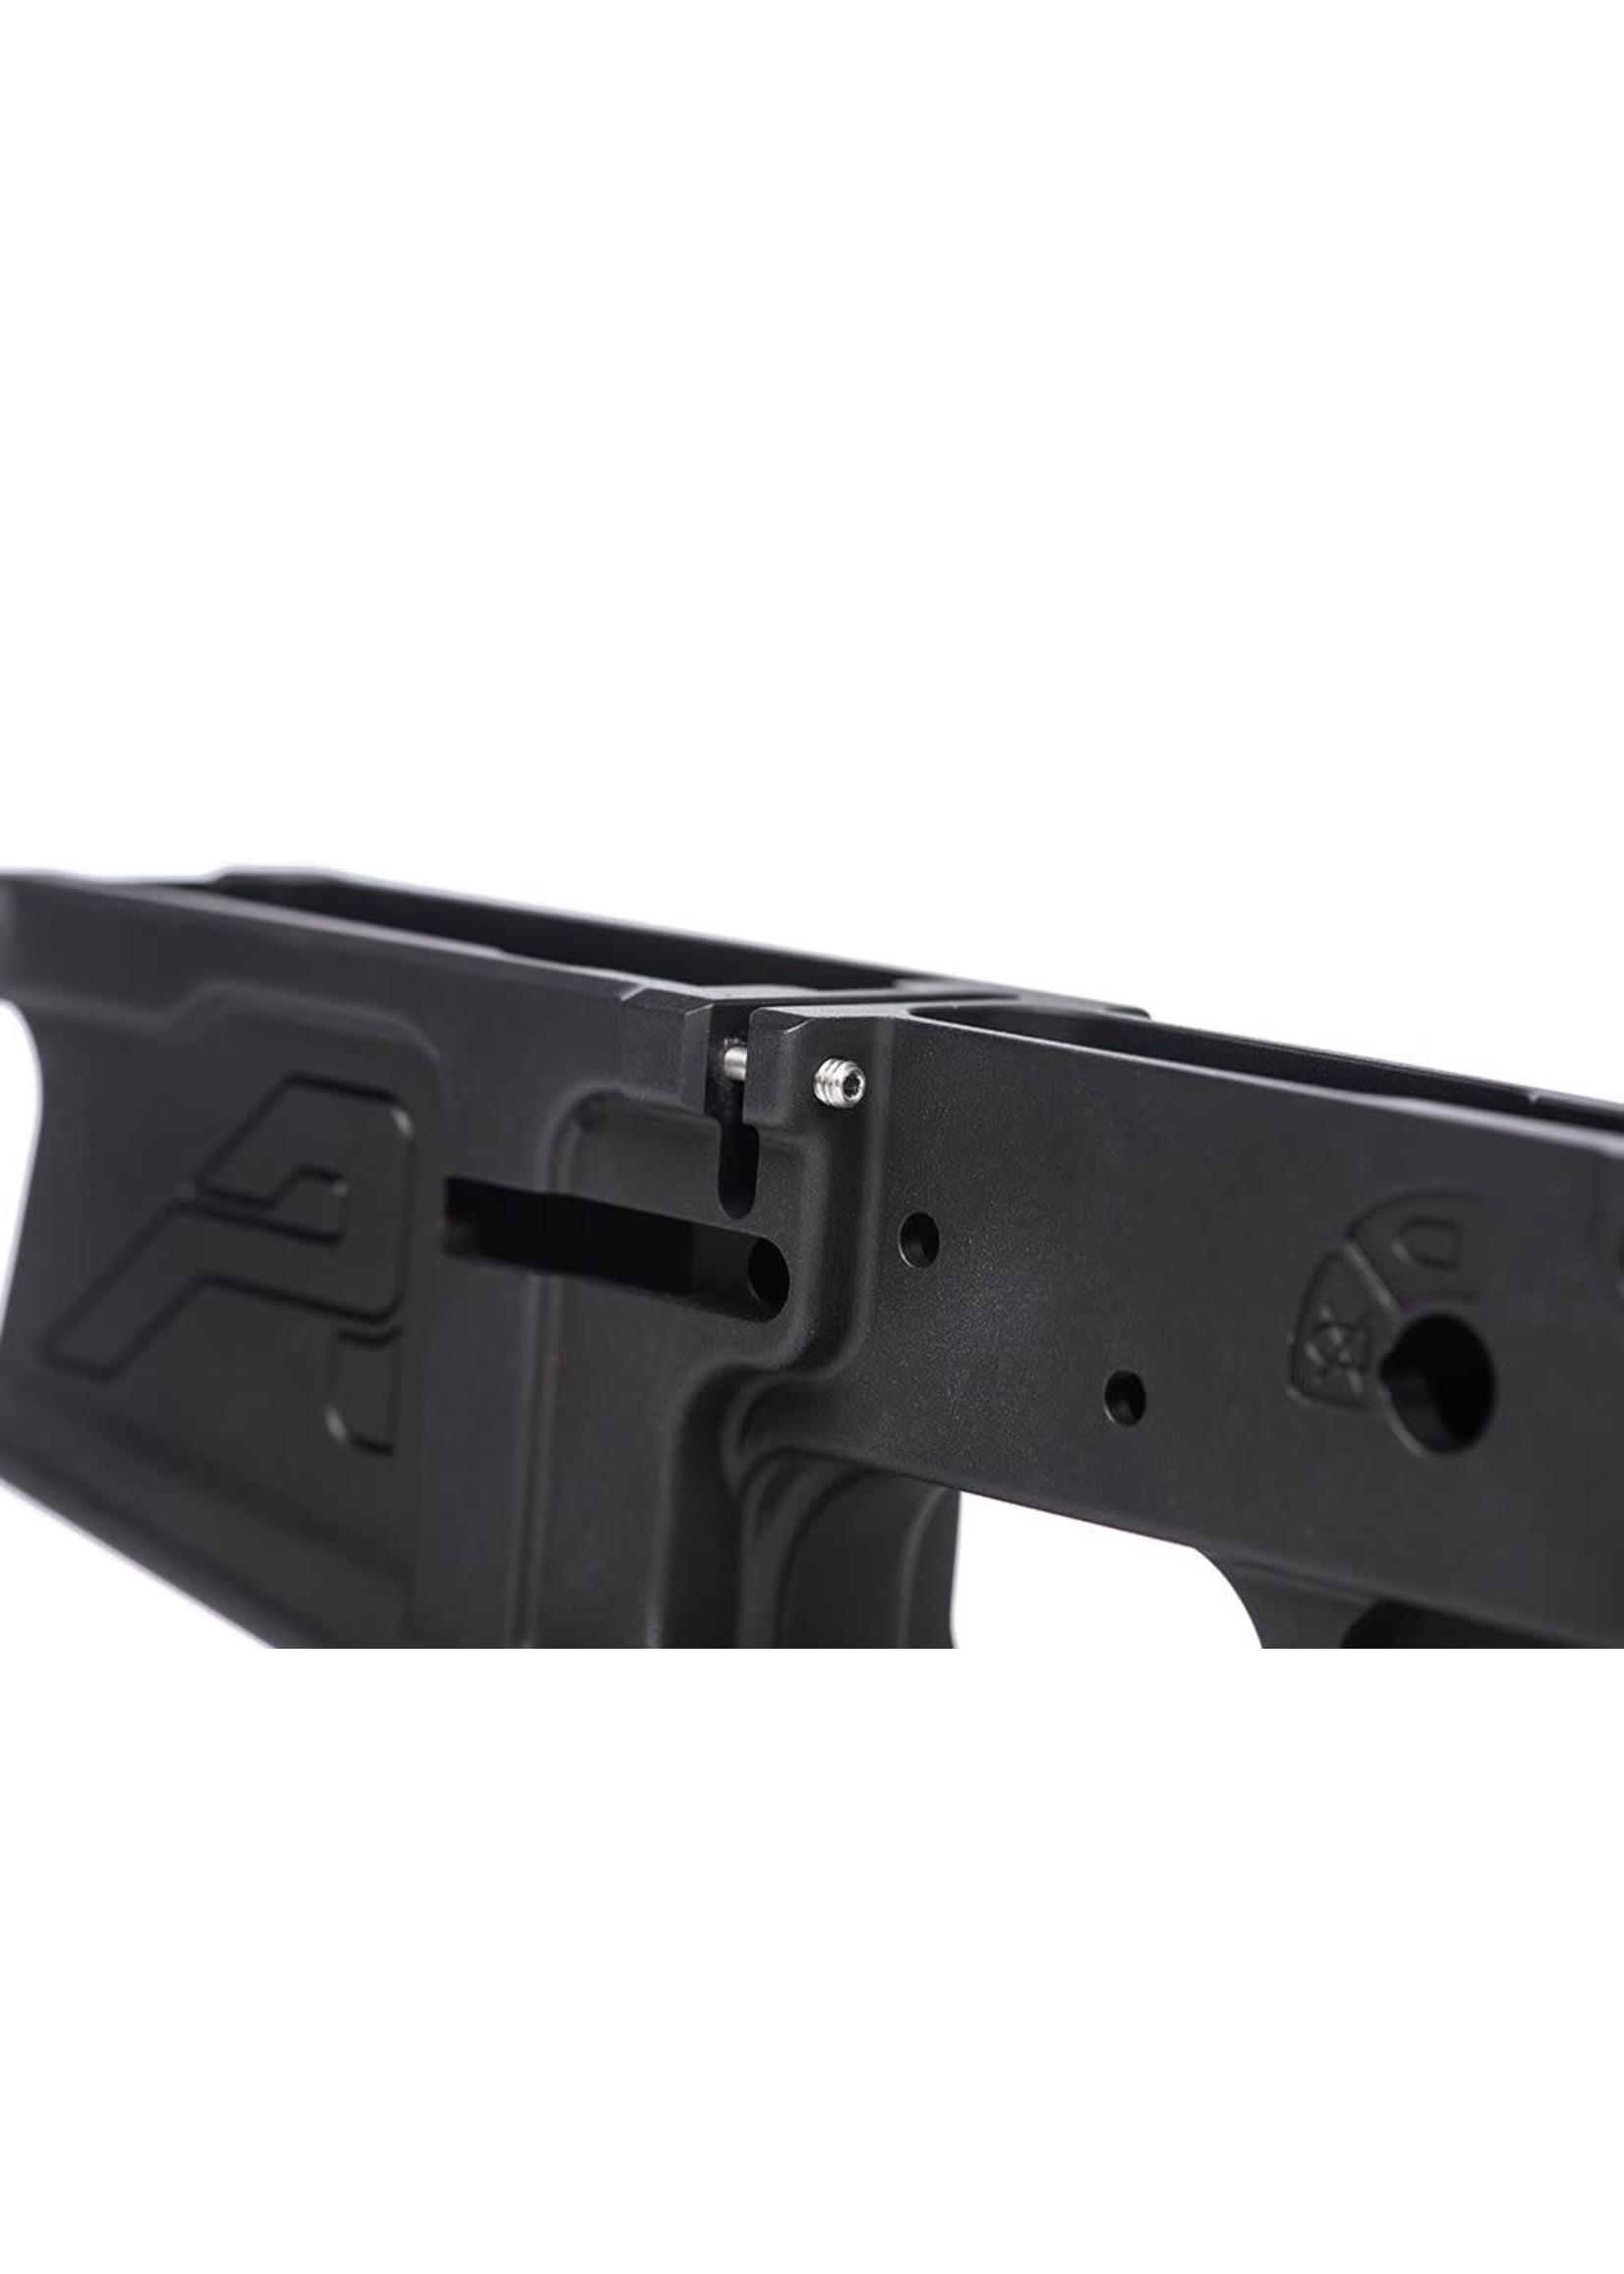 Aero Precision Aero Precision M5 (.308) Stripped Lower Receiver, Anodized Black